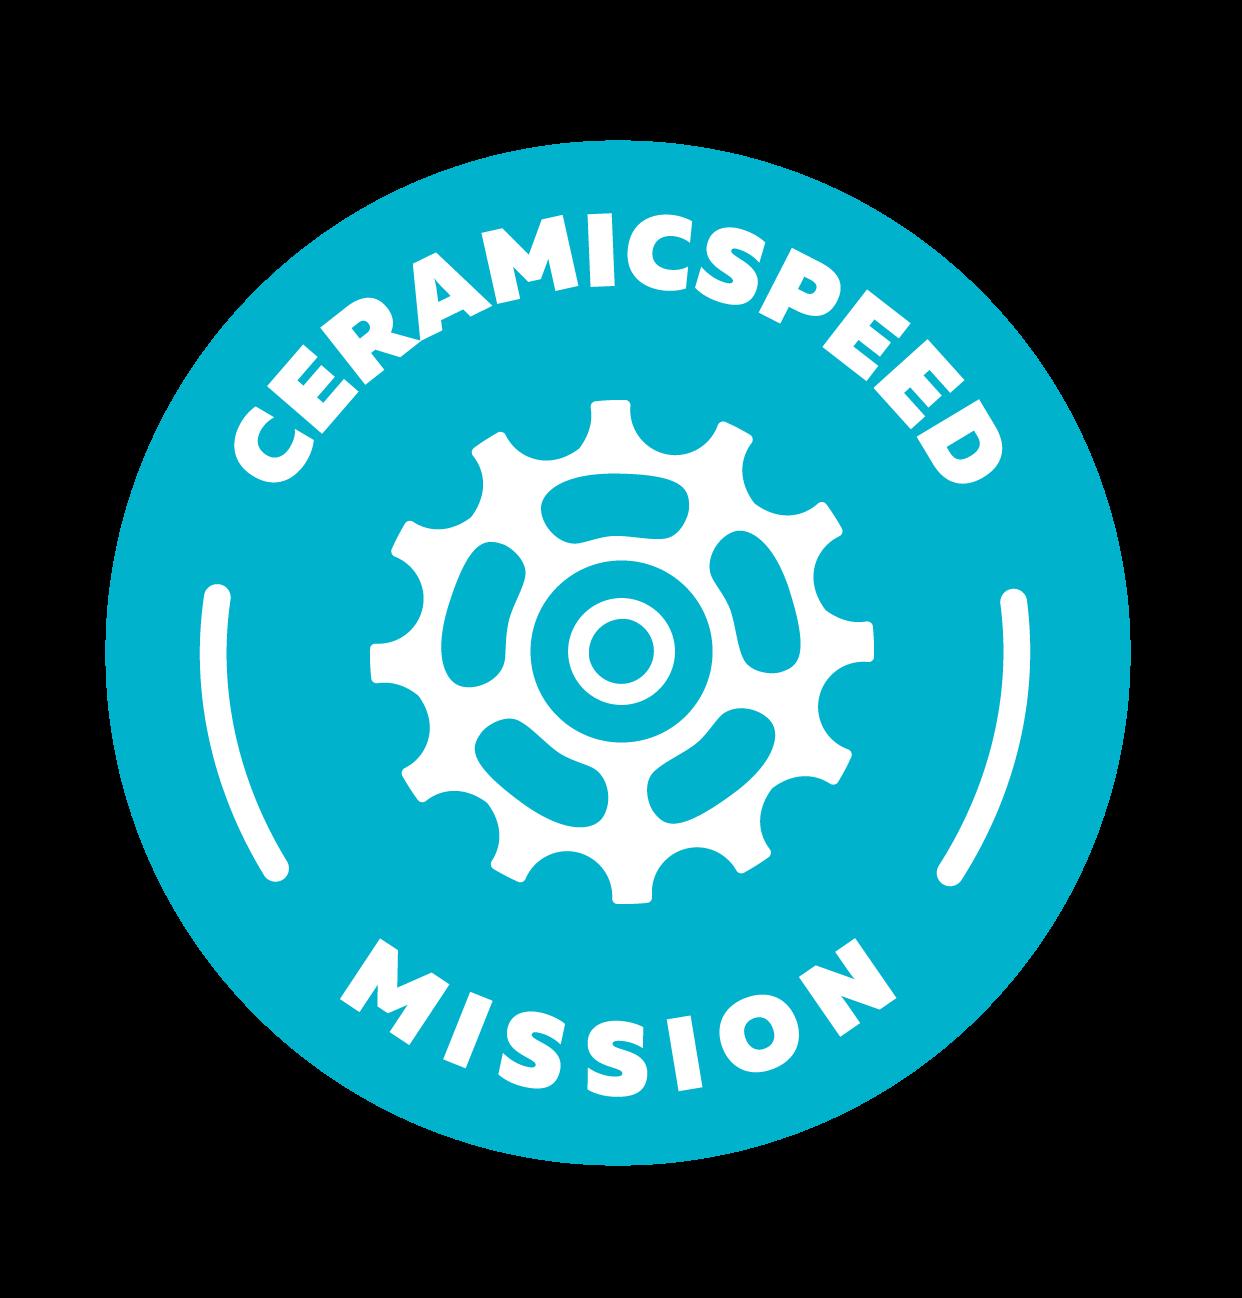 CeramicSpeed_mission-badge02.png